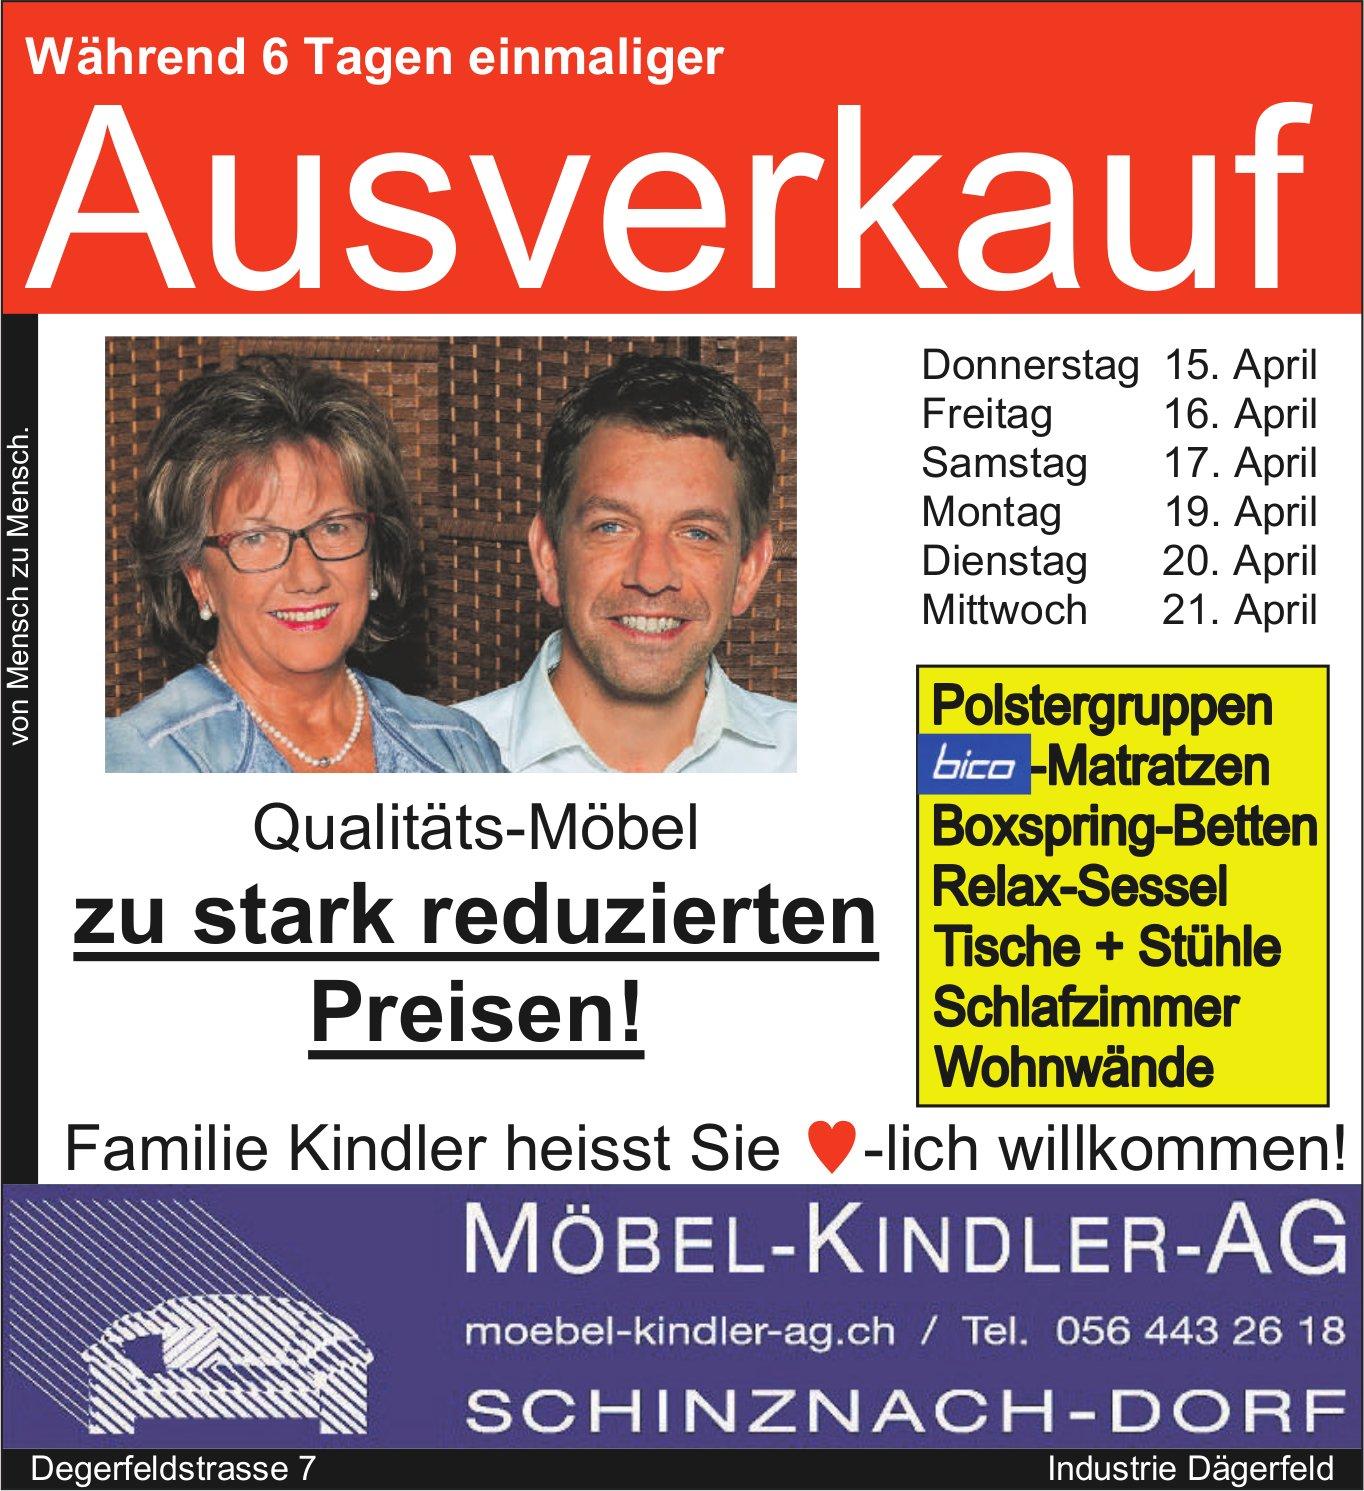 Möbel-Kindler-AG - Während 6 Tagen einmaliger Ausverkauf, bis 21. April